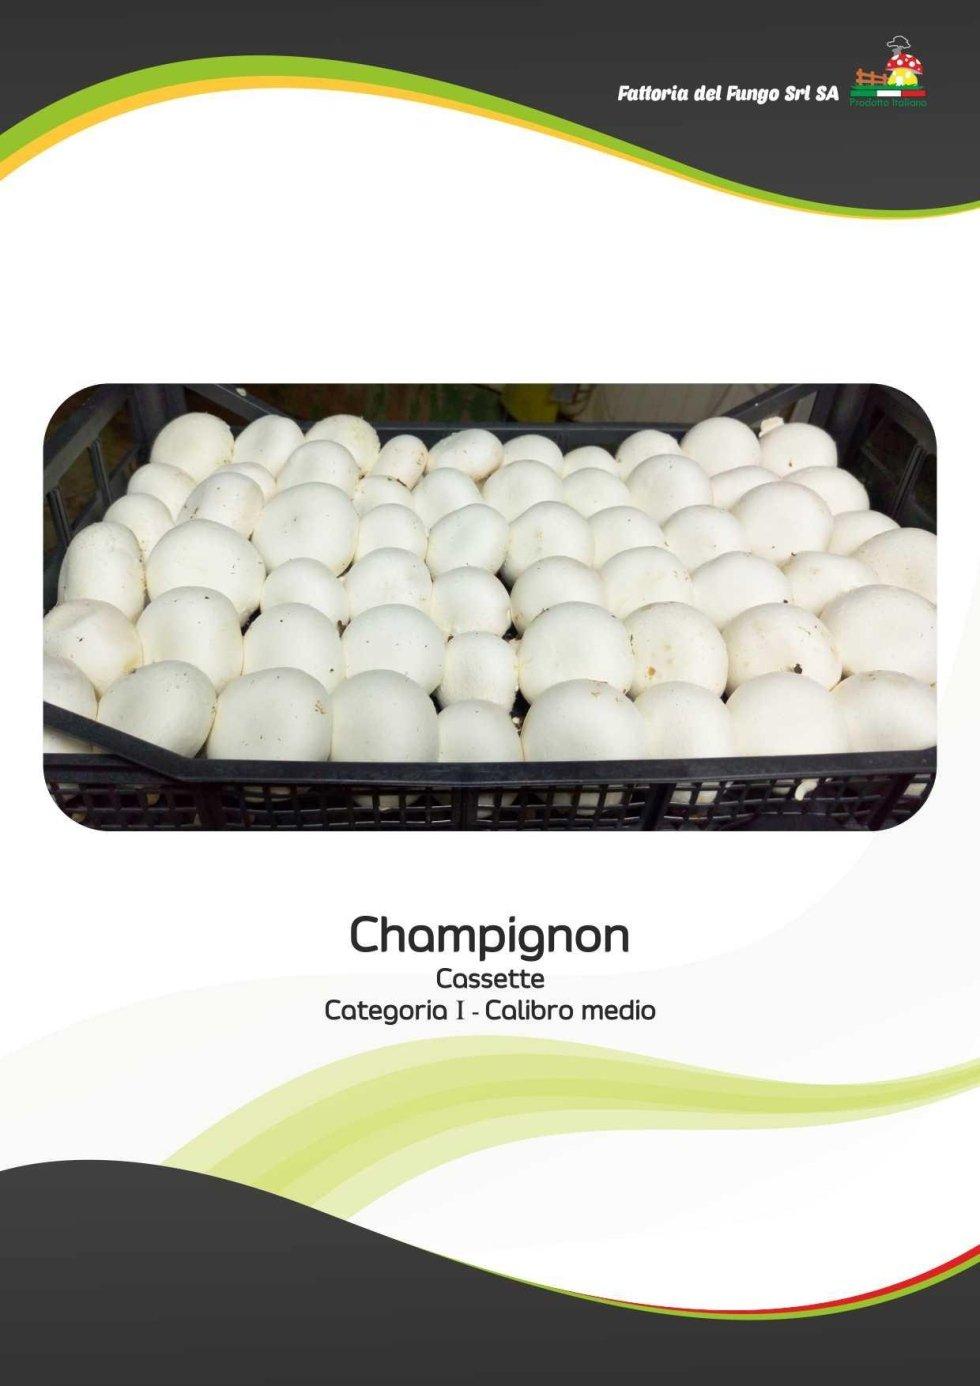 Cassetta di champignons